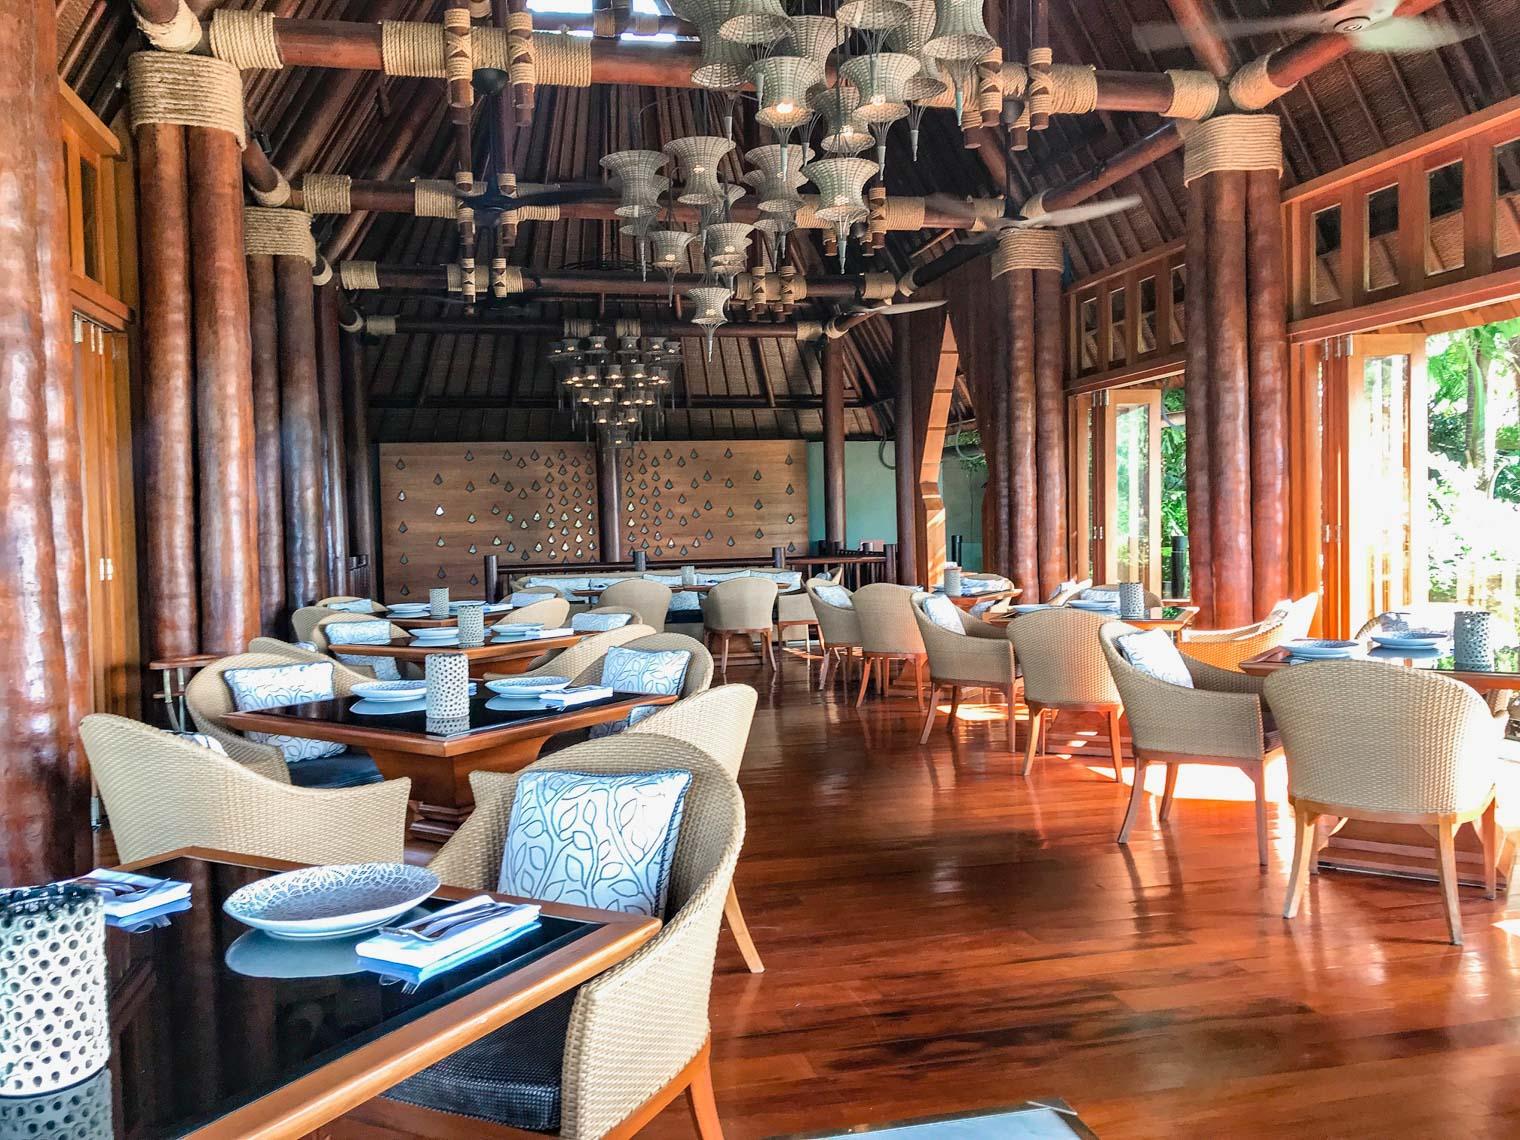 Thai restaurant at Four Seasons hotel Koh Samui